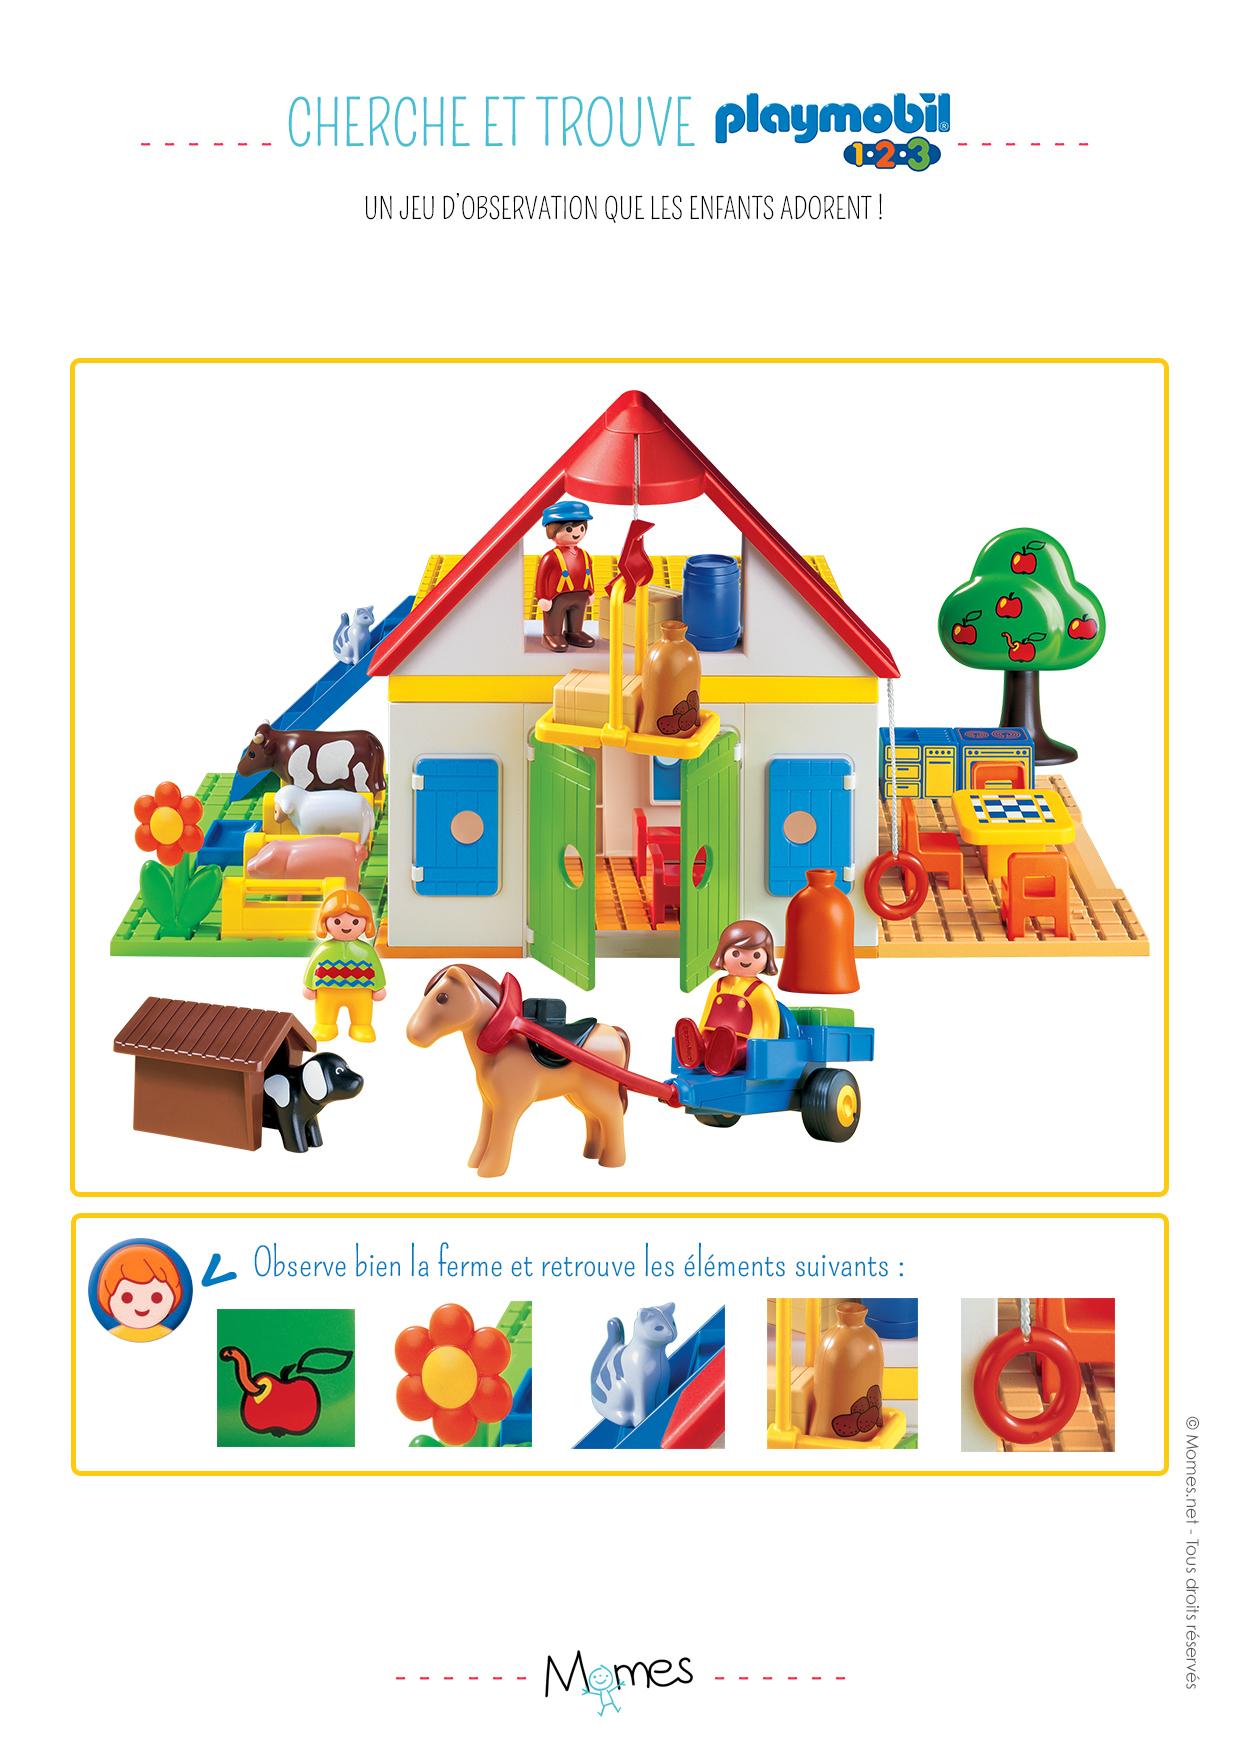 Cherche Et Trouve : La Ferme Playmobil 123 - Momes pour Jeux De Concentration À Imprimer